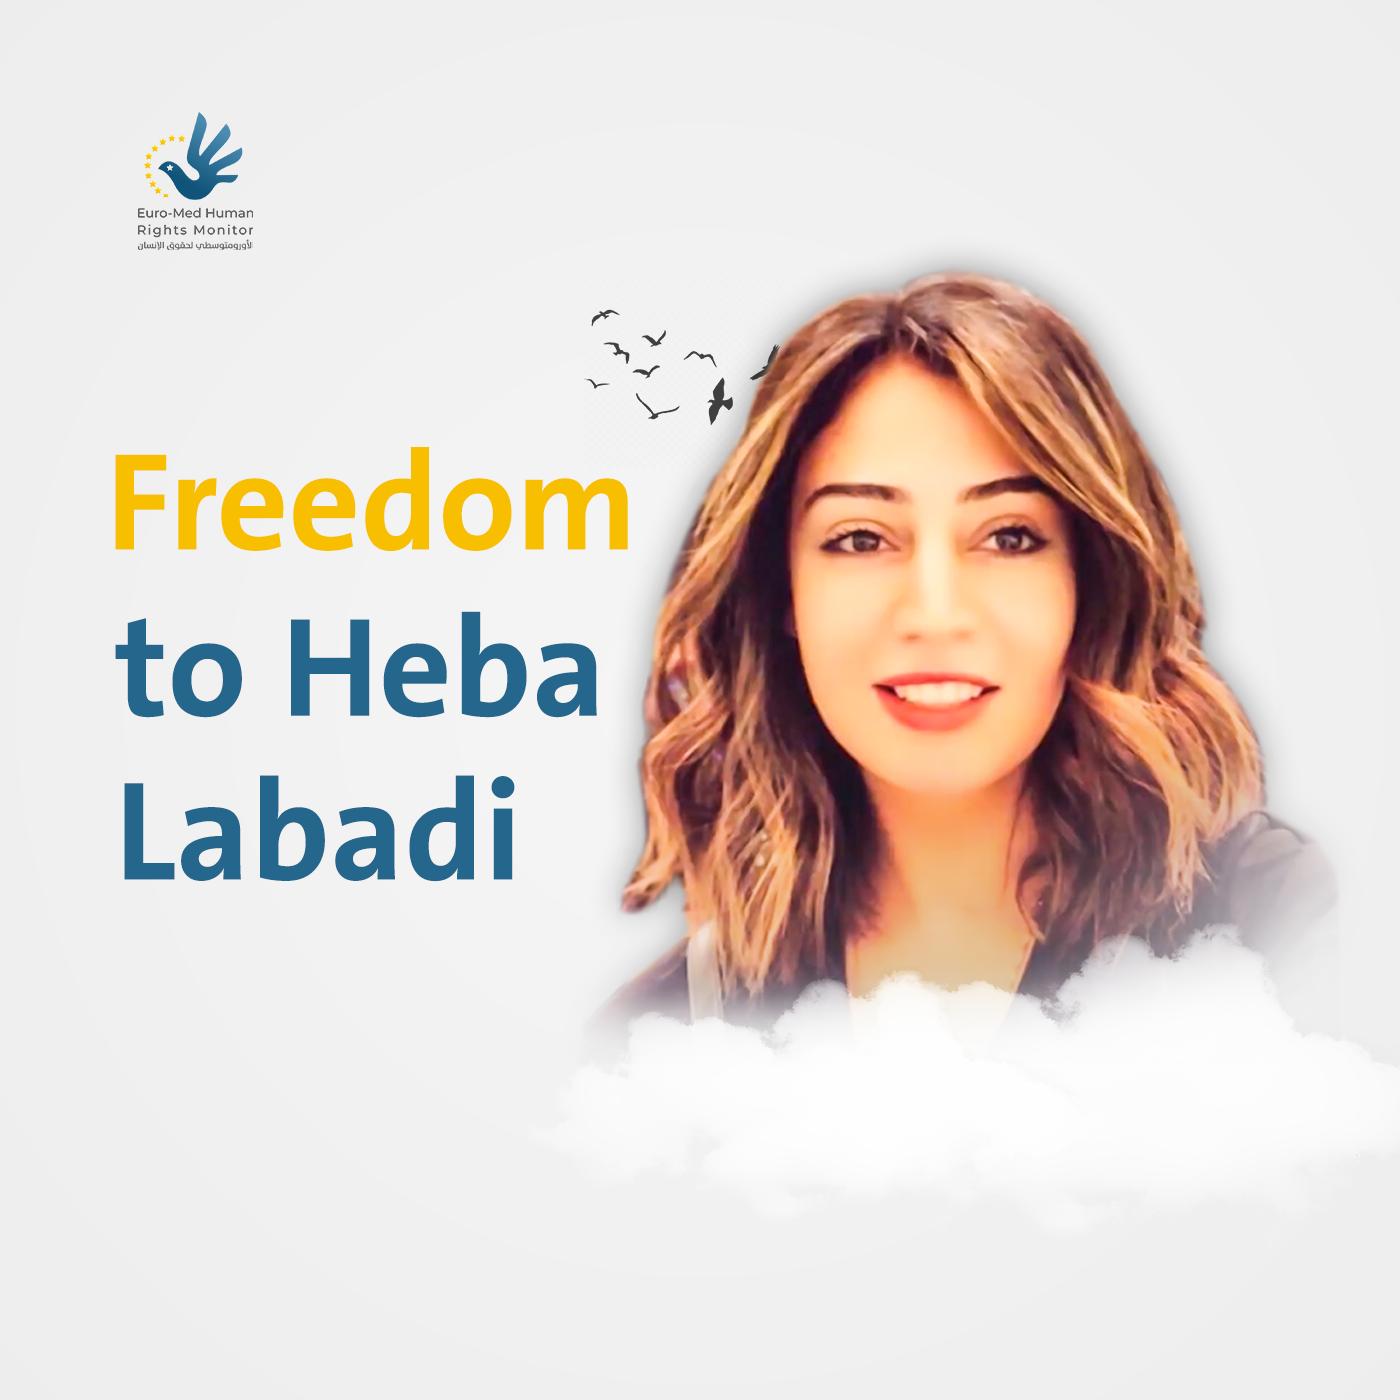 Euro-Med salue l'appel lancé par le Groupe de travail des Nations Unies sur la détention arbitraire pour libérer d'Al-Labadi